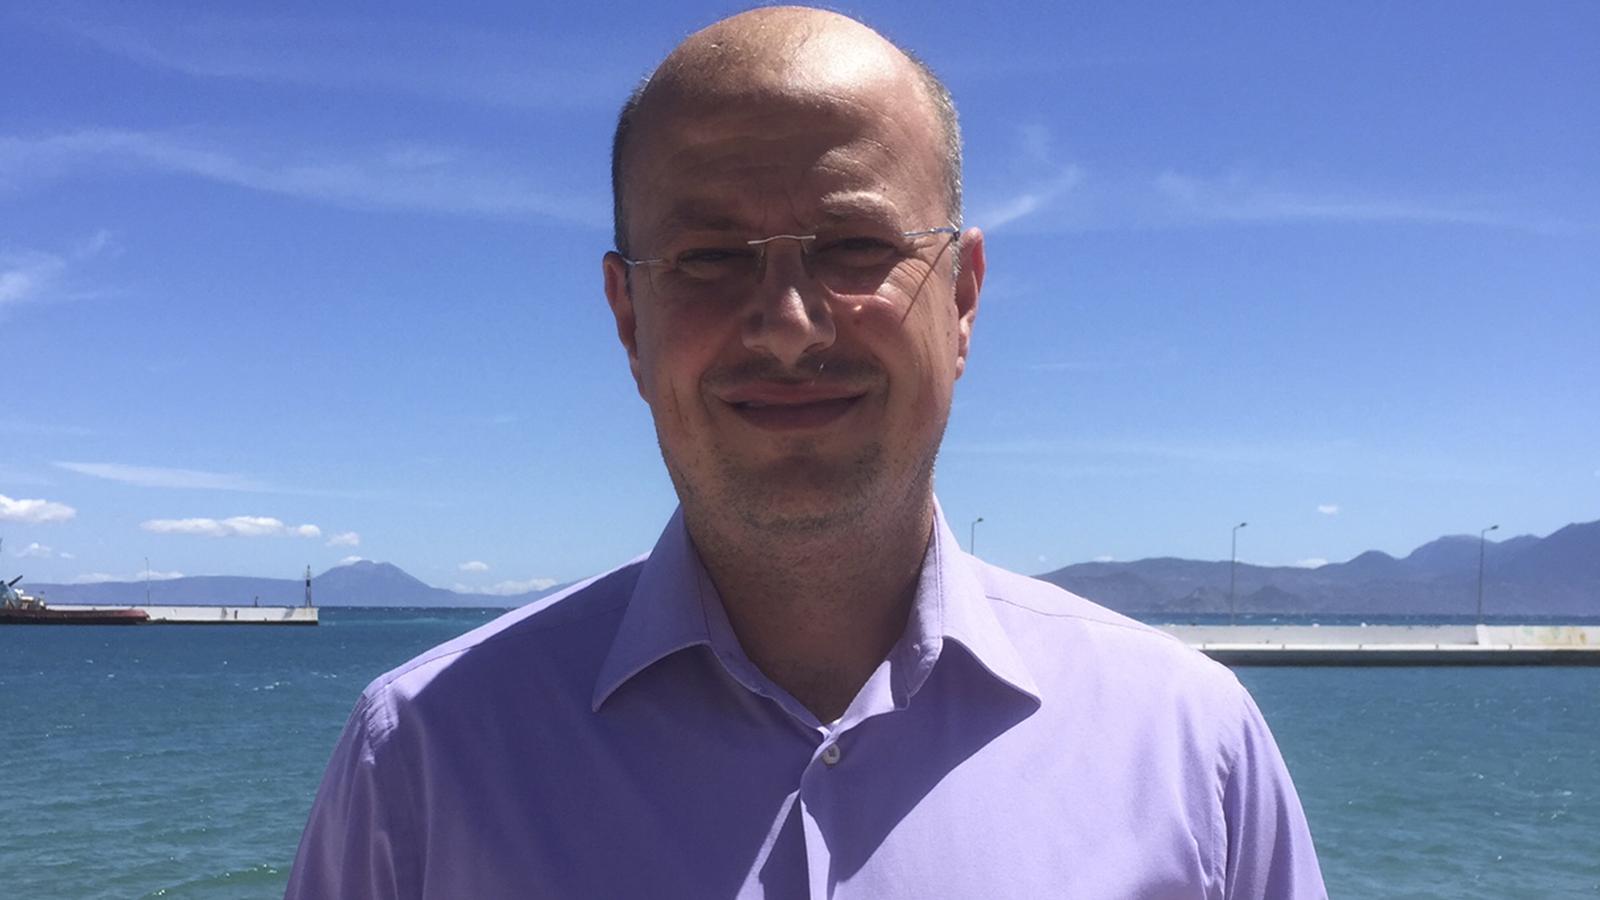 Γ. Καζάνης: Ο επαγγελματίας ασφαλιστικός διαμεσολαβητής δεν έχει να φοβάται τίποτα & κανέναν